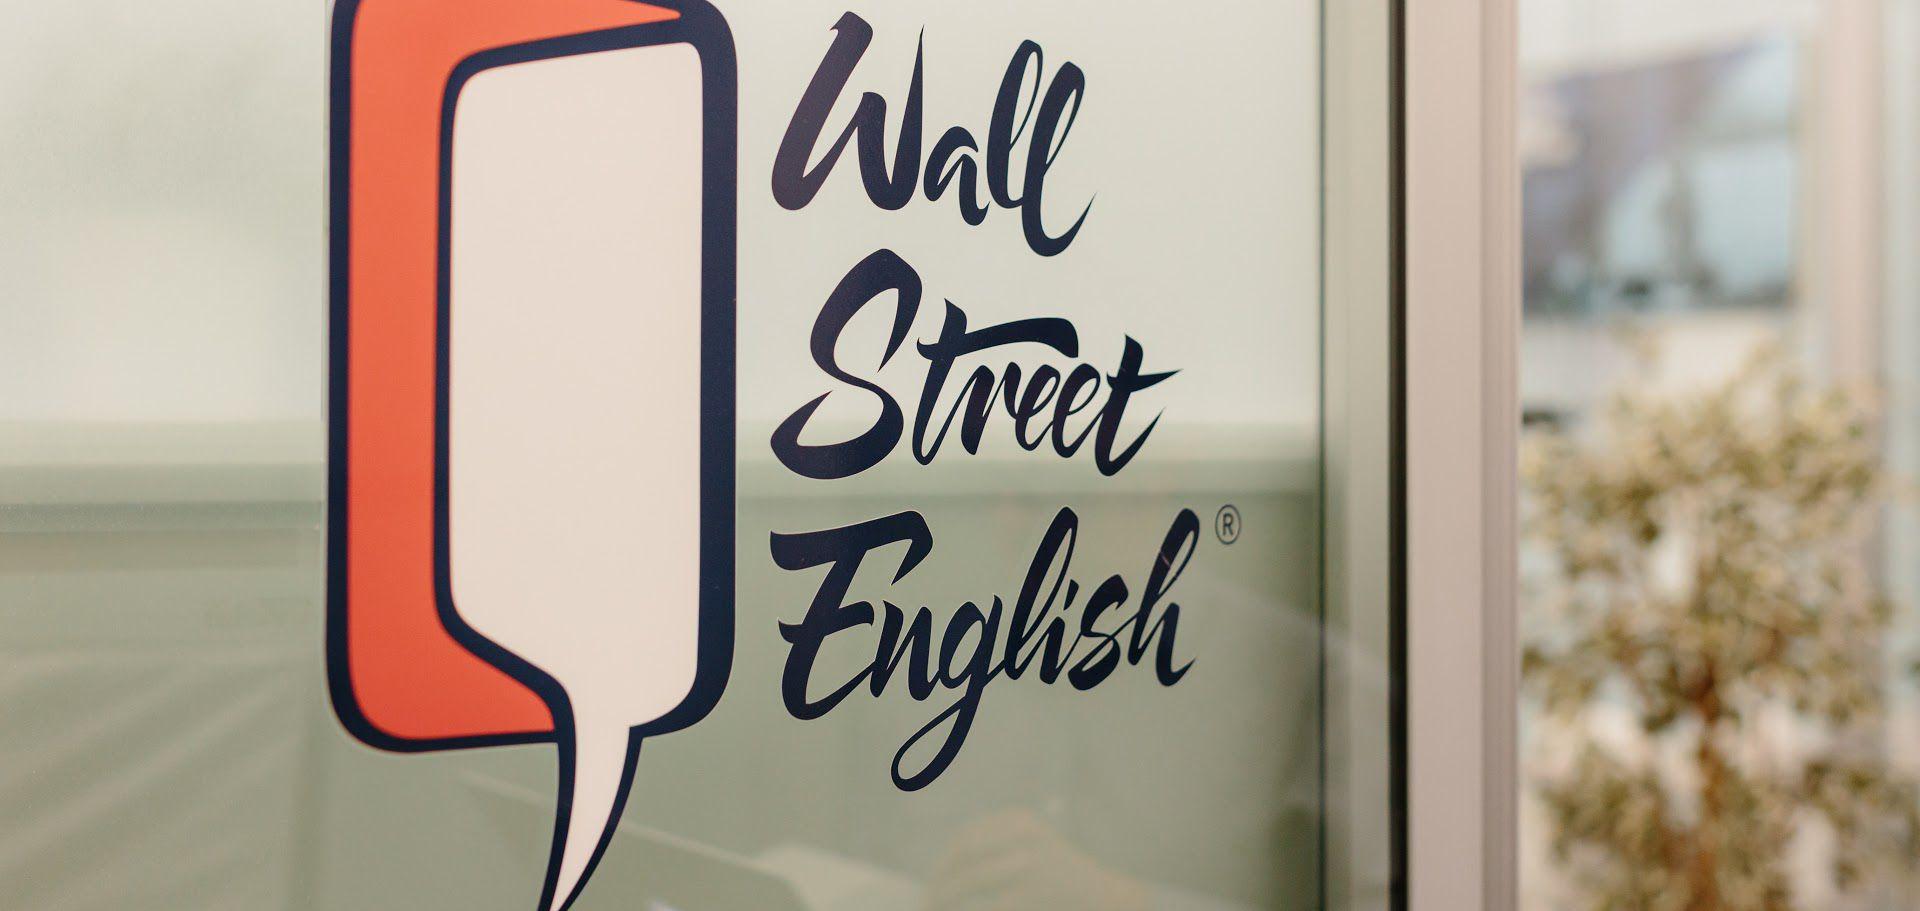 Бесплатные онлайн-уроки по английскому языку в школах Wall Street English фото 2